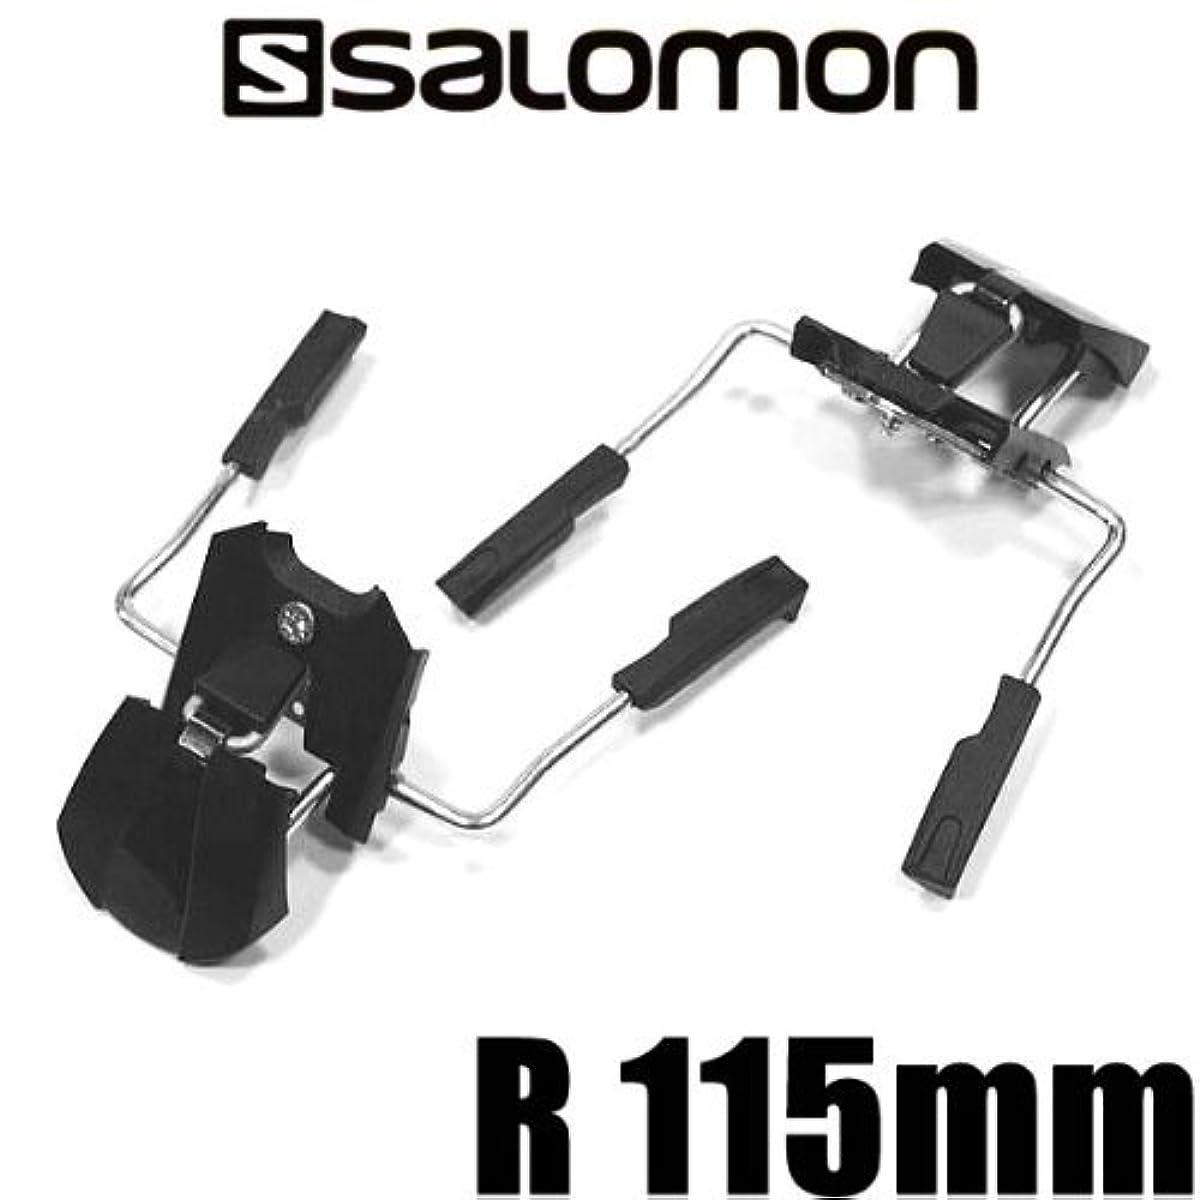 [해외] SALOMON살로몬 스키 빈딩 R115MM 와이드 브레이크 R형 살로몬 빈딩 전용